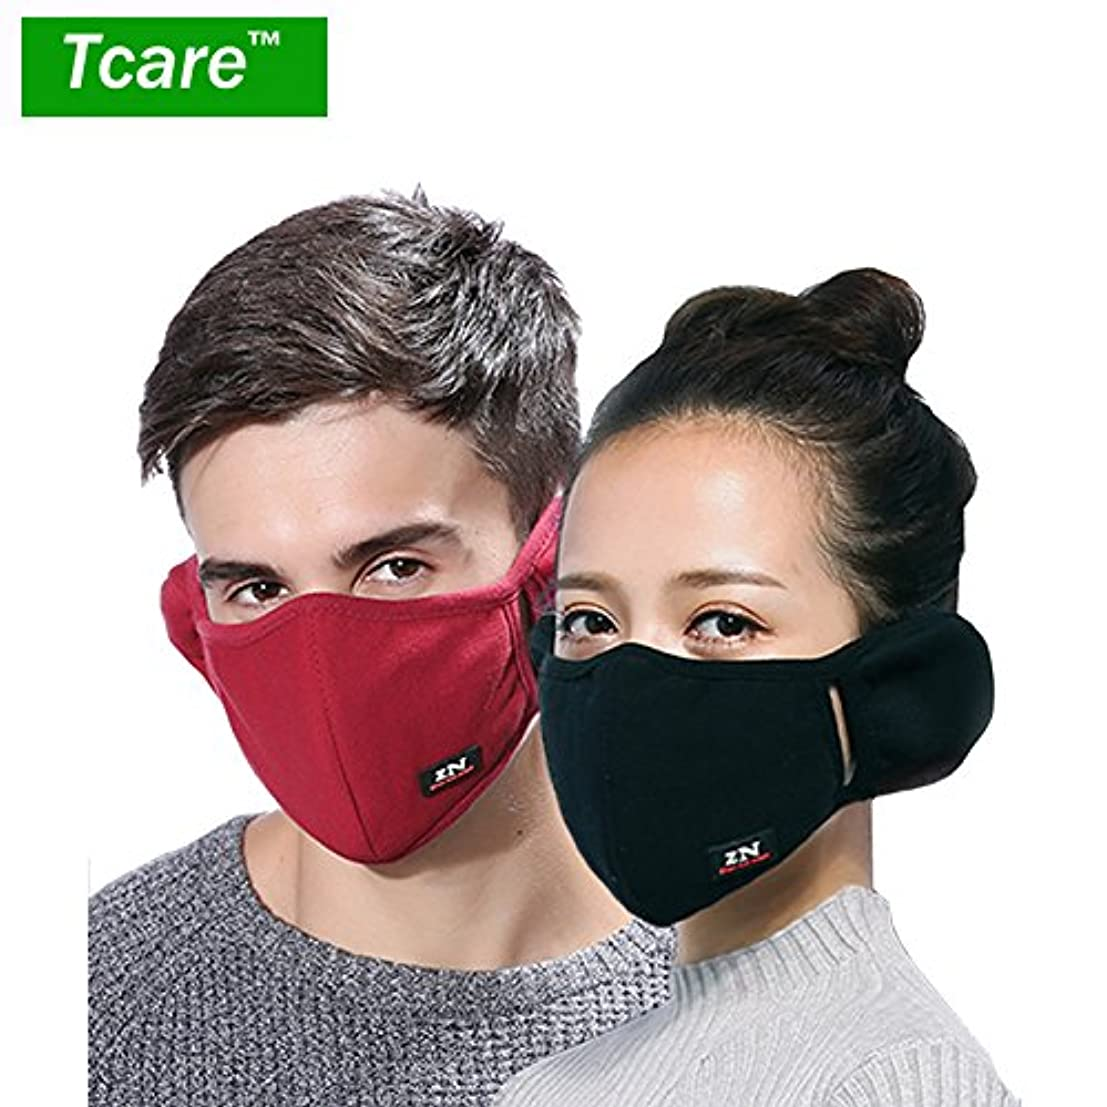 正確な小間侮辱男性女性の少年少女のためのTcare呼吸器2レイヤピュアコットン保護フィルター挿入口:10紺